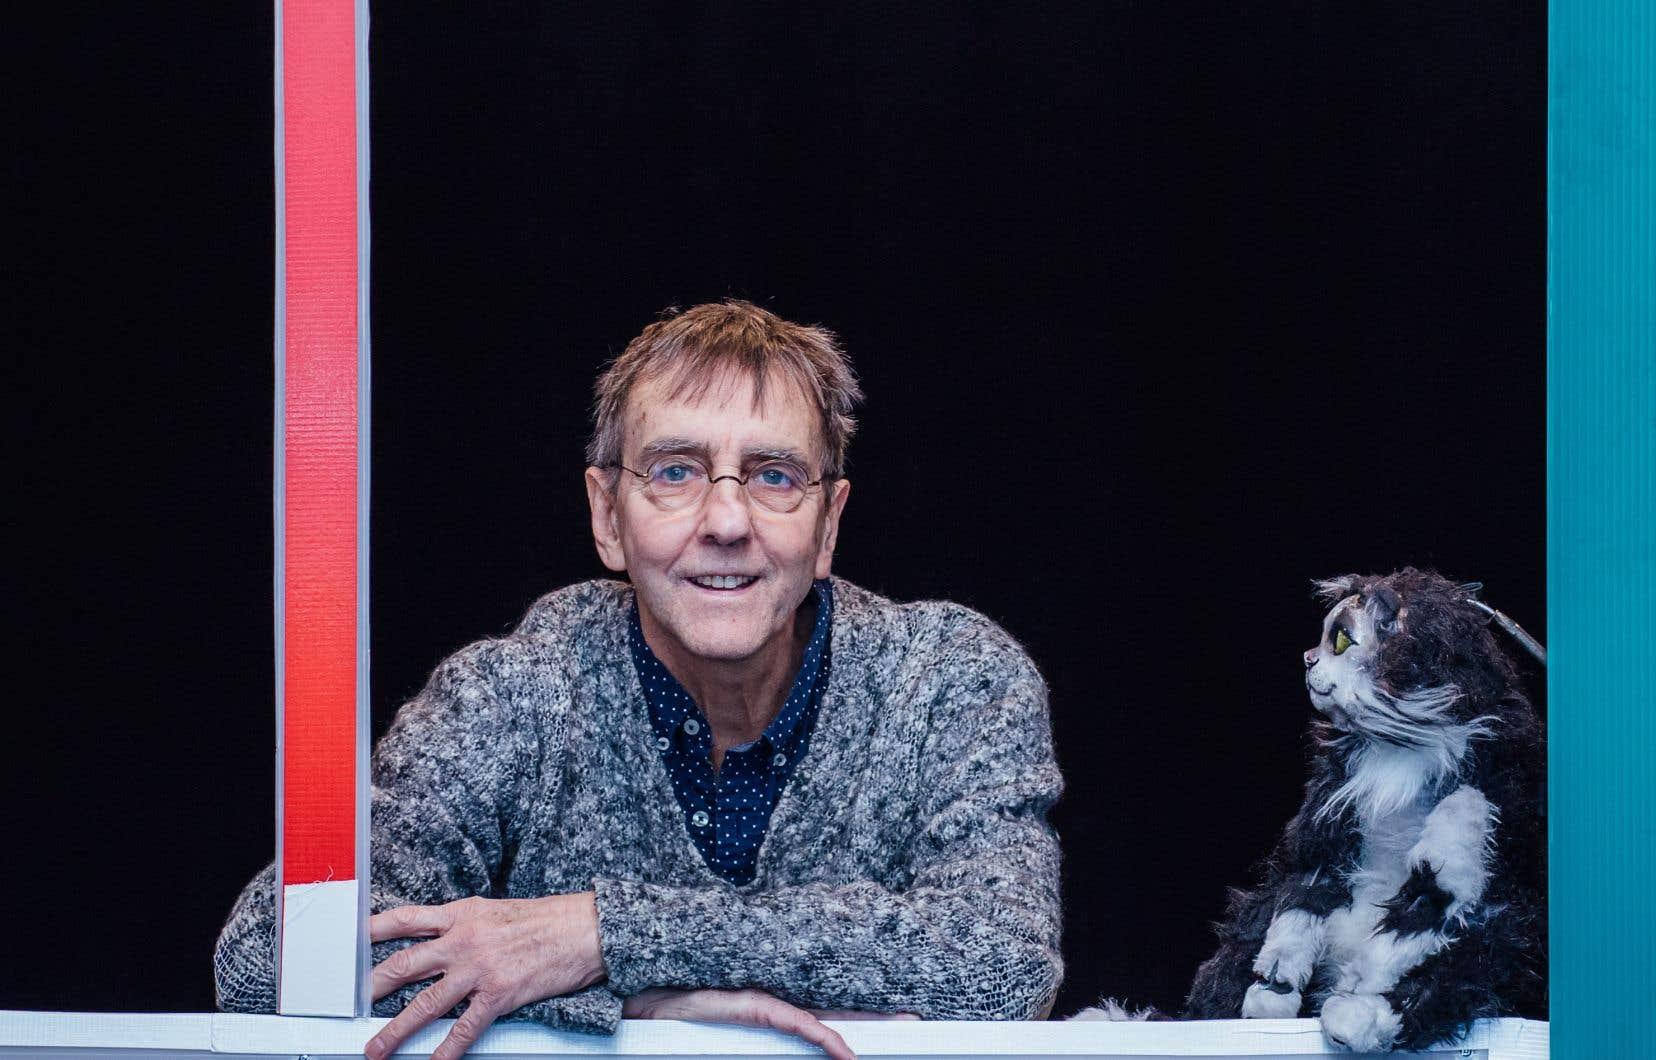 Le directeur artistique et fondateur de PPS Danse, Pierre-Paul Savoie